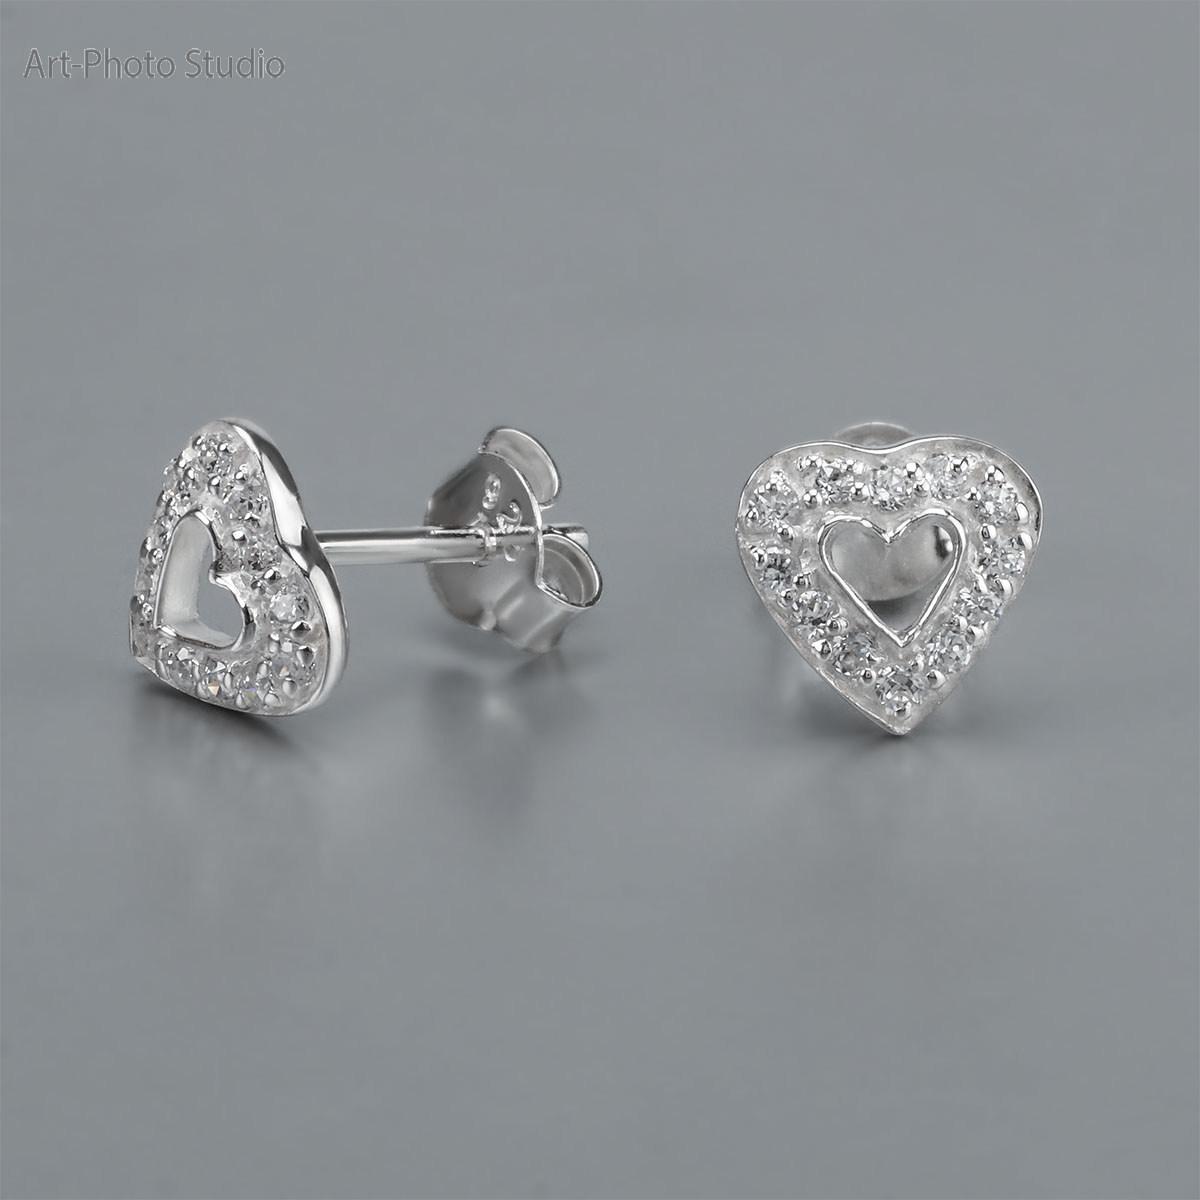 фото ювелирных изделий - серьги-гвоздики из серебра